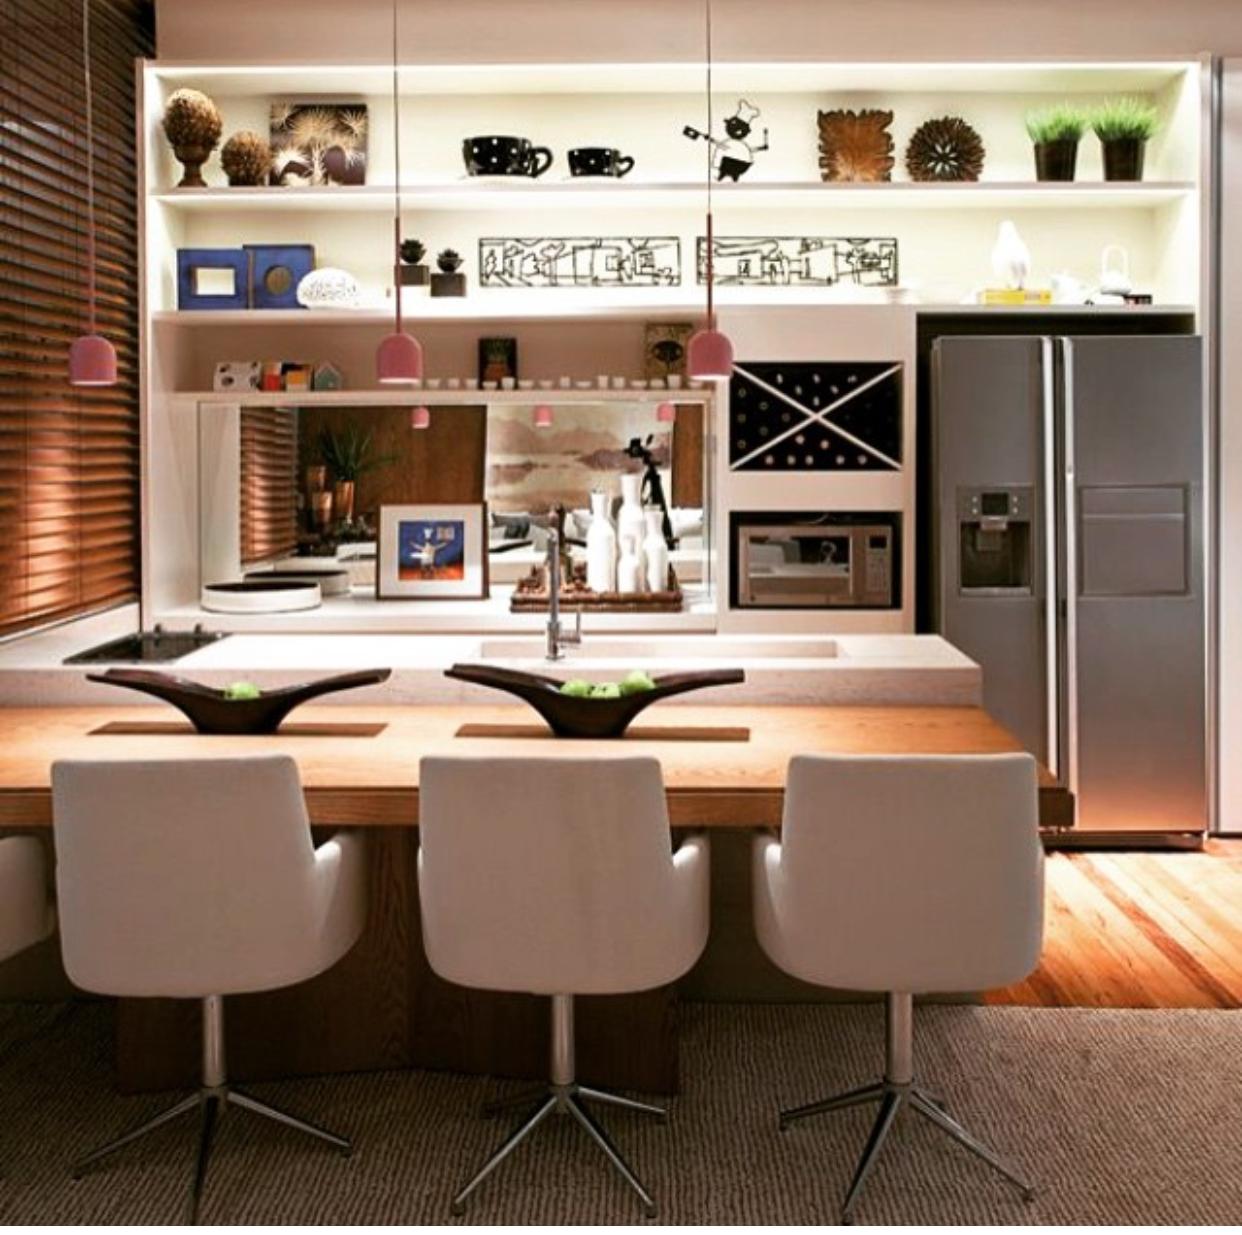 Sala De Jantar Integrada Cozinha Gourmet Estante Geladeira Side